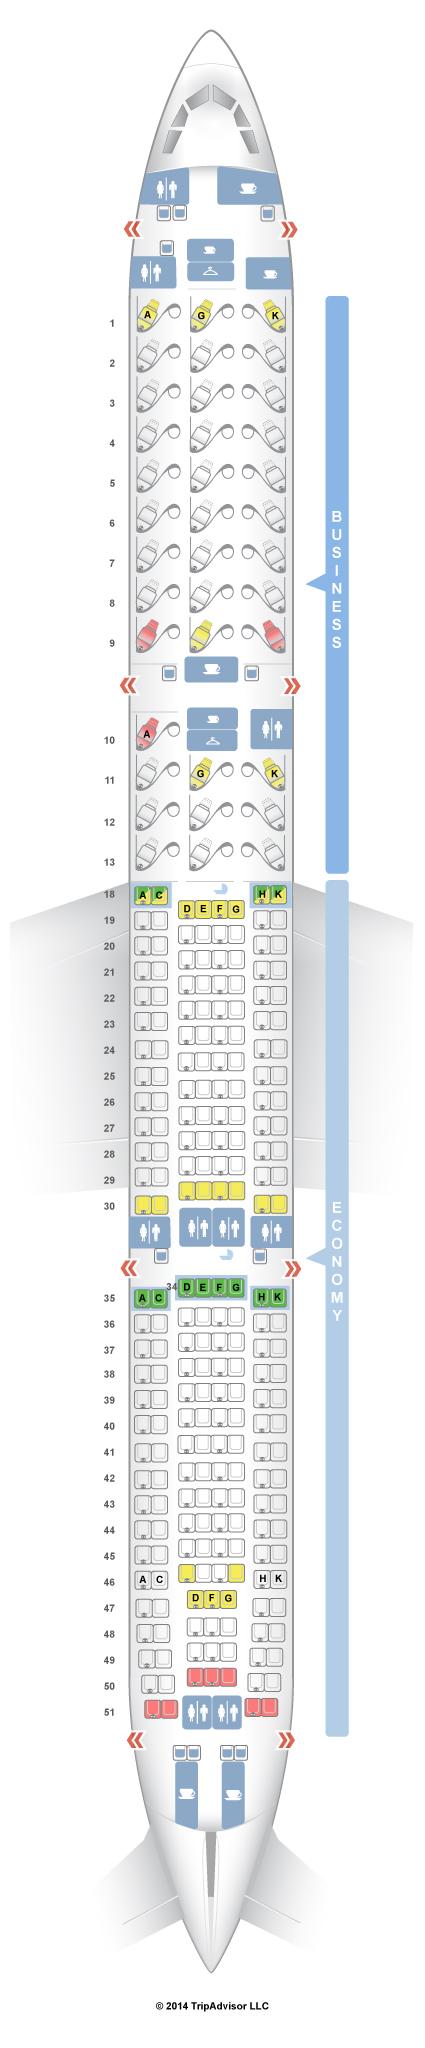 Seatguru Seat Map Air Canada Airbus A330 300 333 Boeing 777